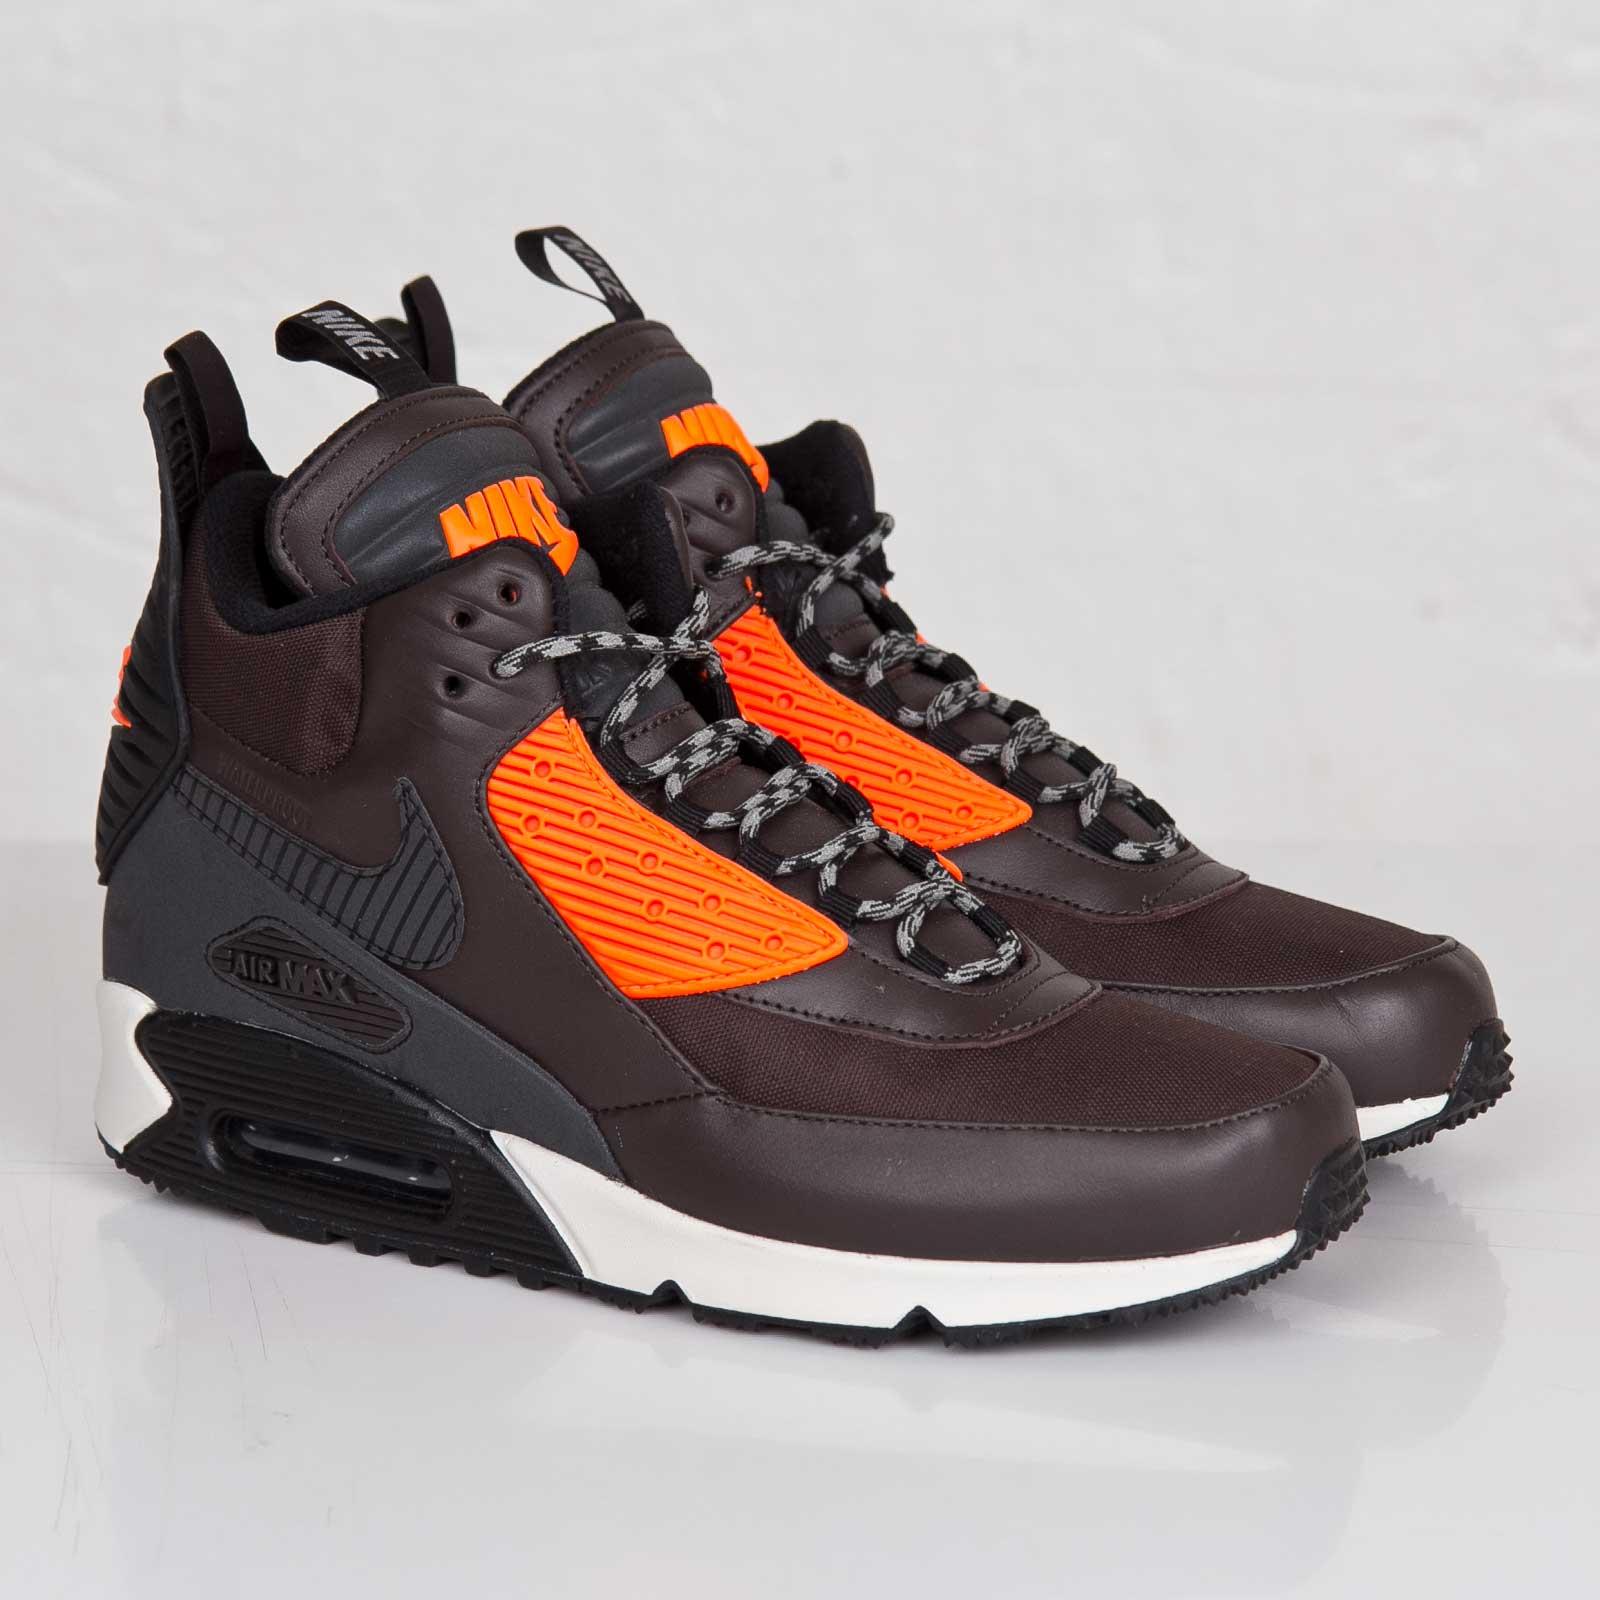 540545c21a Nike Air Max 90 Sneakerboot Winter - 684714-200 - Sneakersnstuff ...